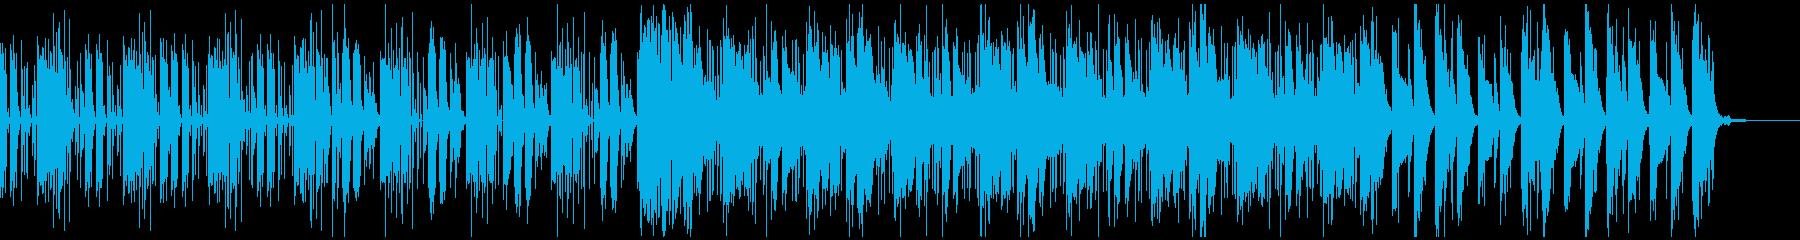 スリリングなシーンに適した電子音楽の再生済みの波形